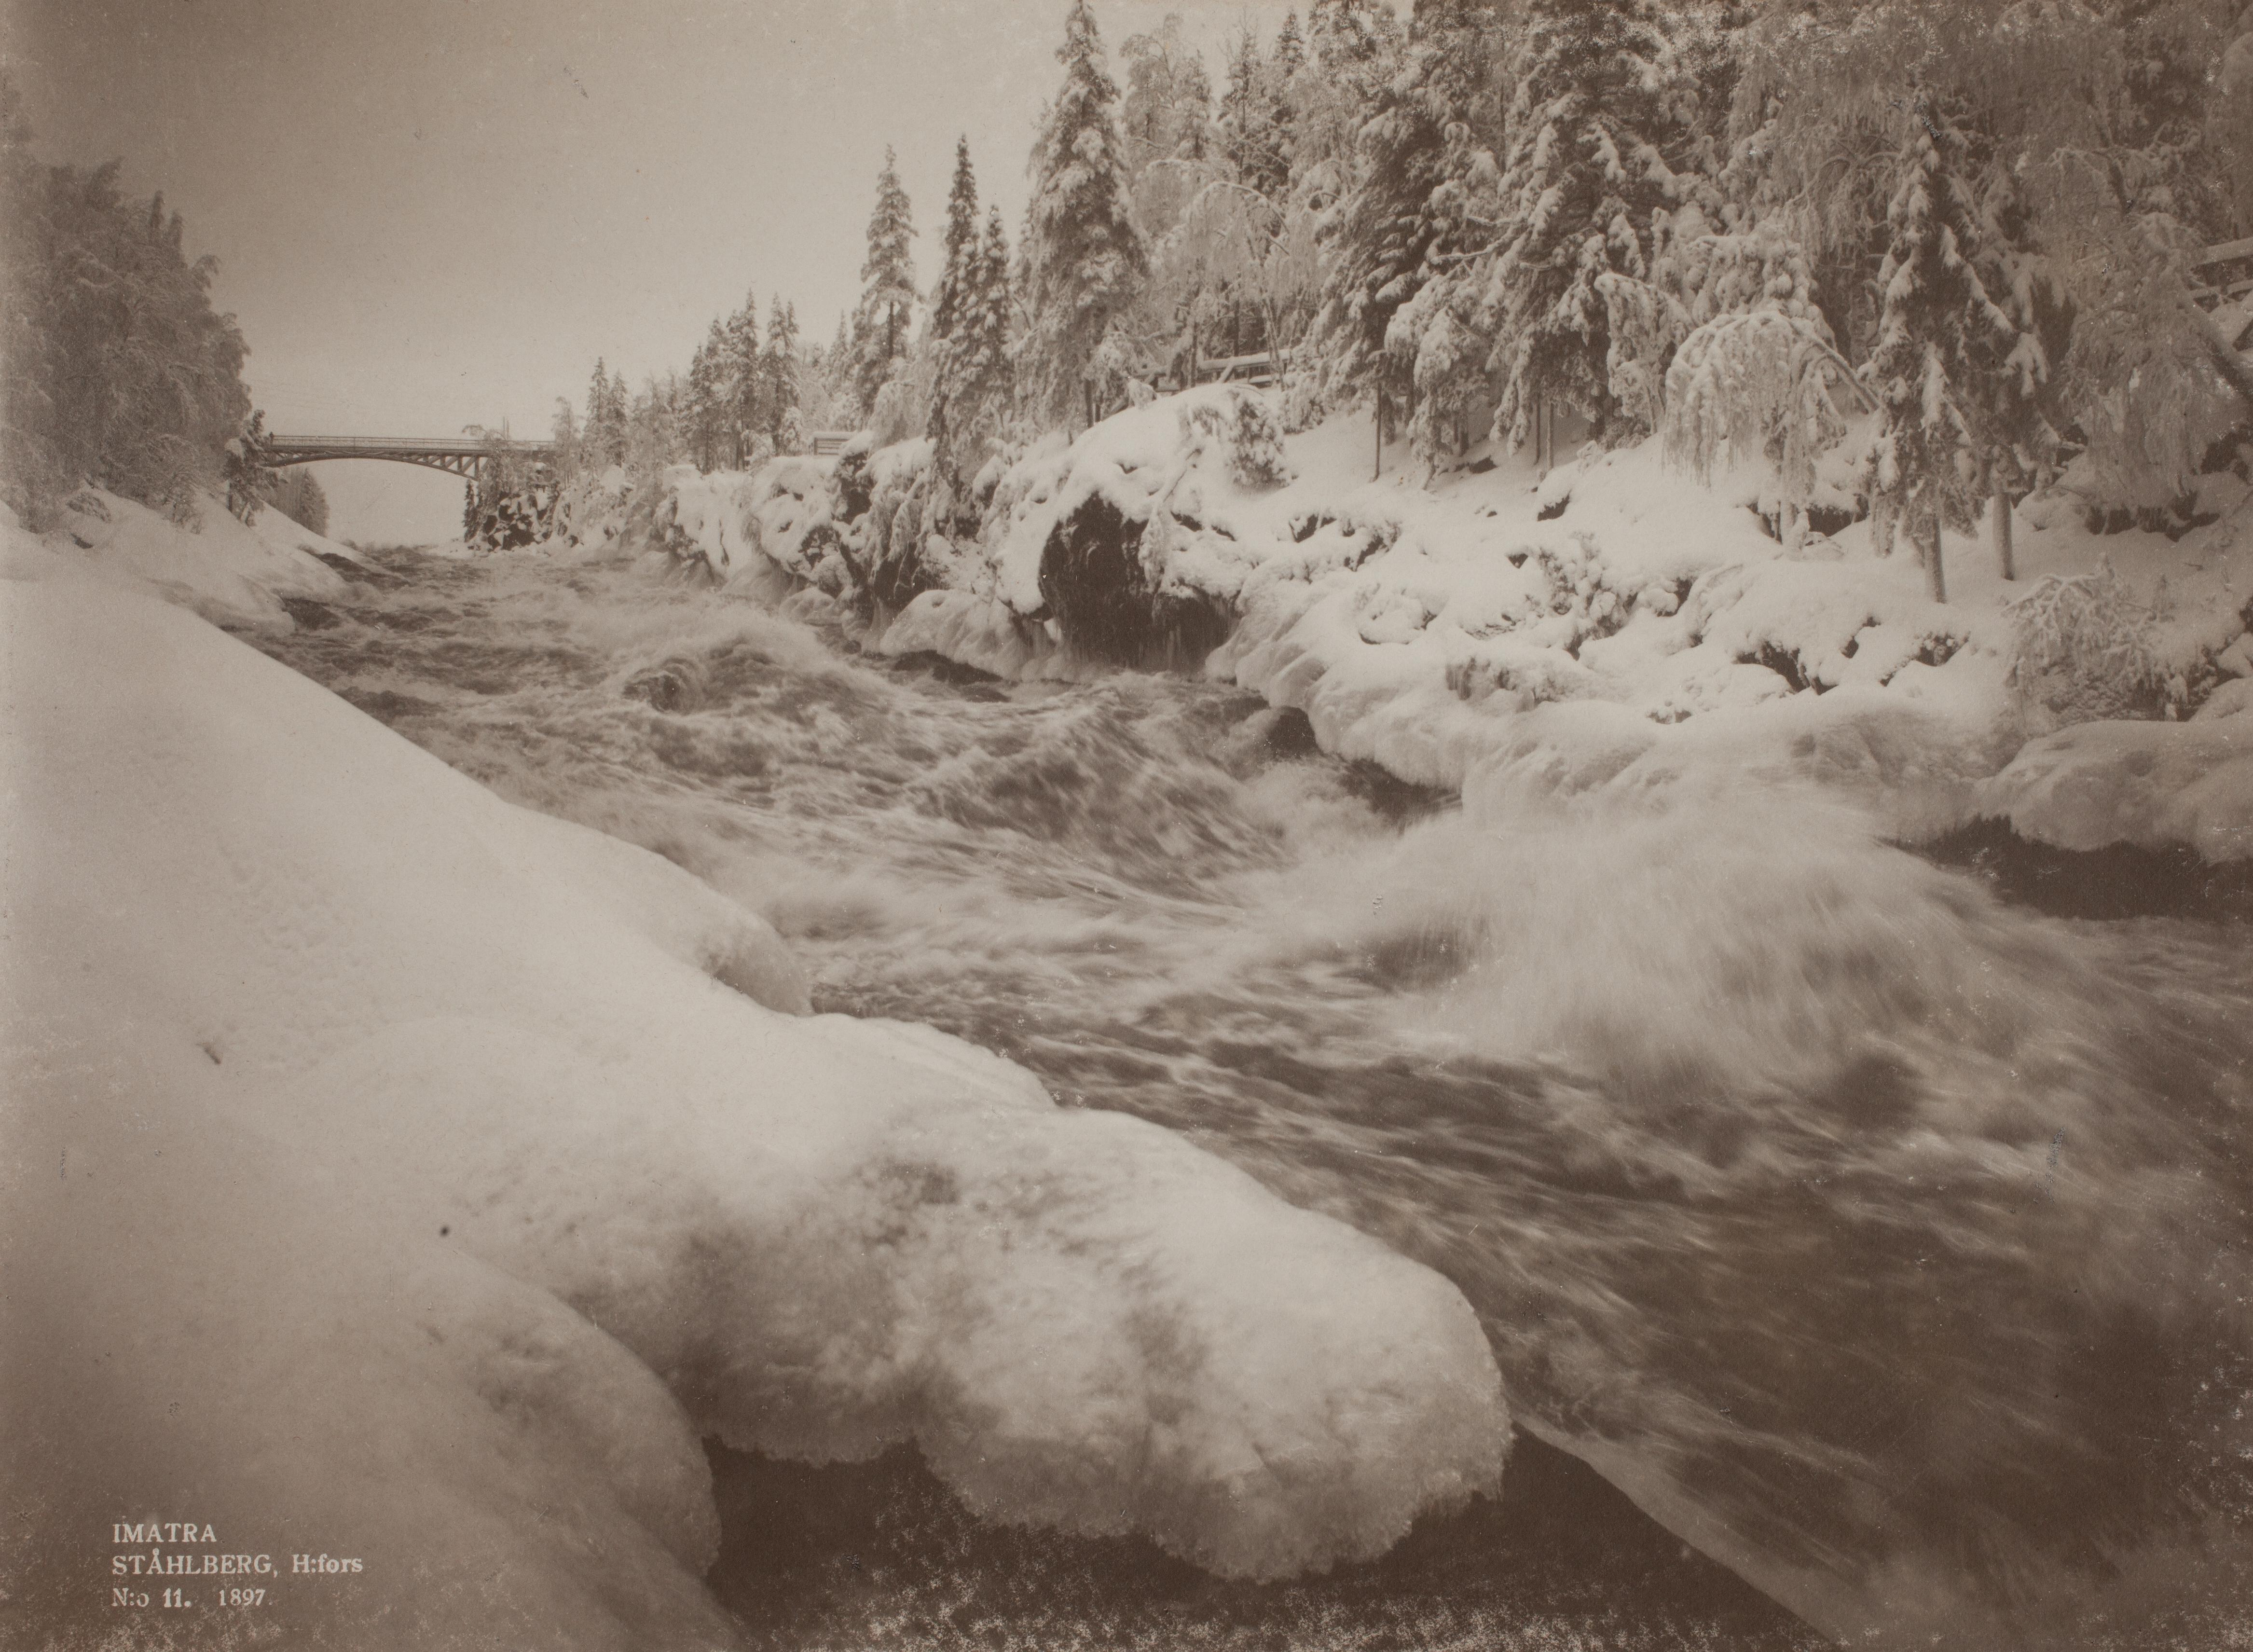 Corredeiras de Imatra no inverno de 1897